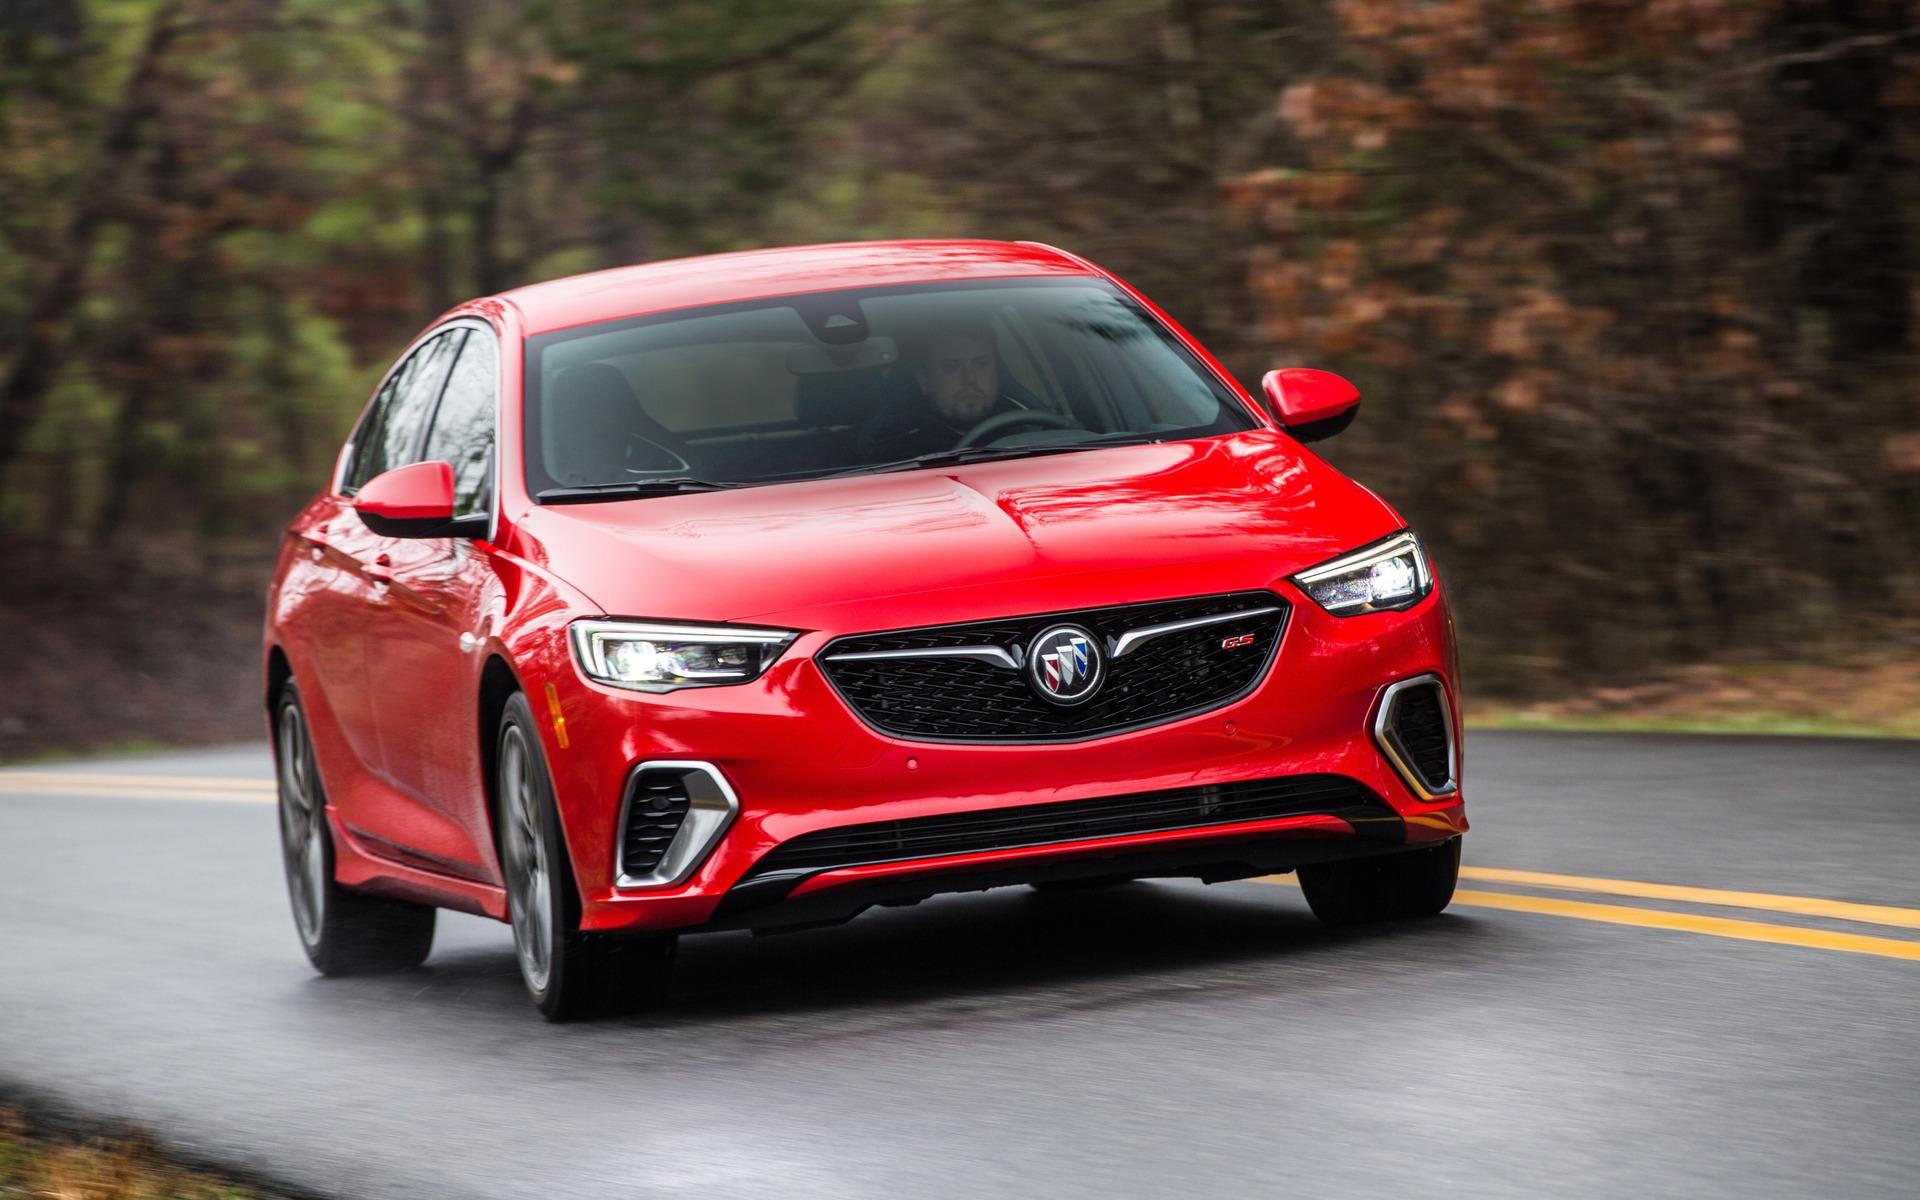 Buick Regal 2019 : cinq choses à savoir 375426_2019_Buick_Regal